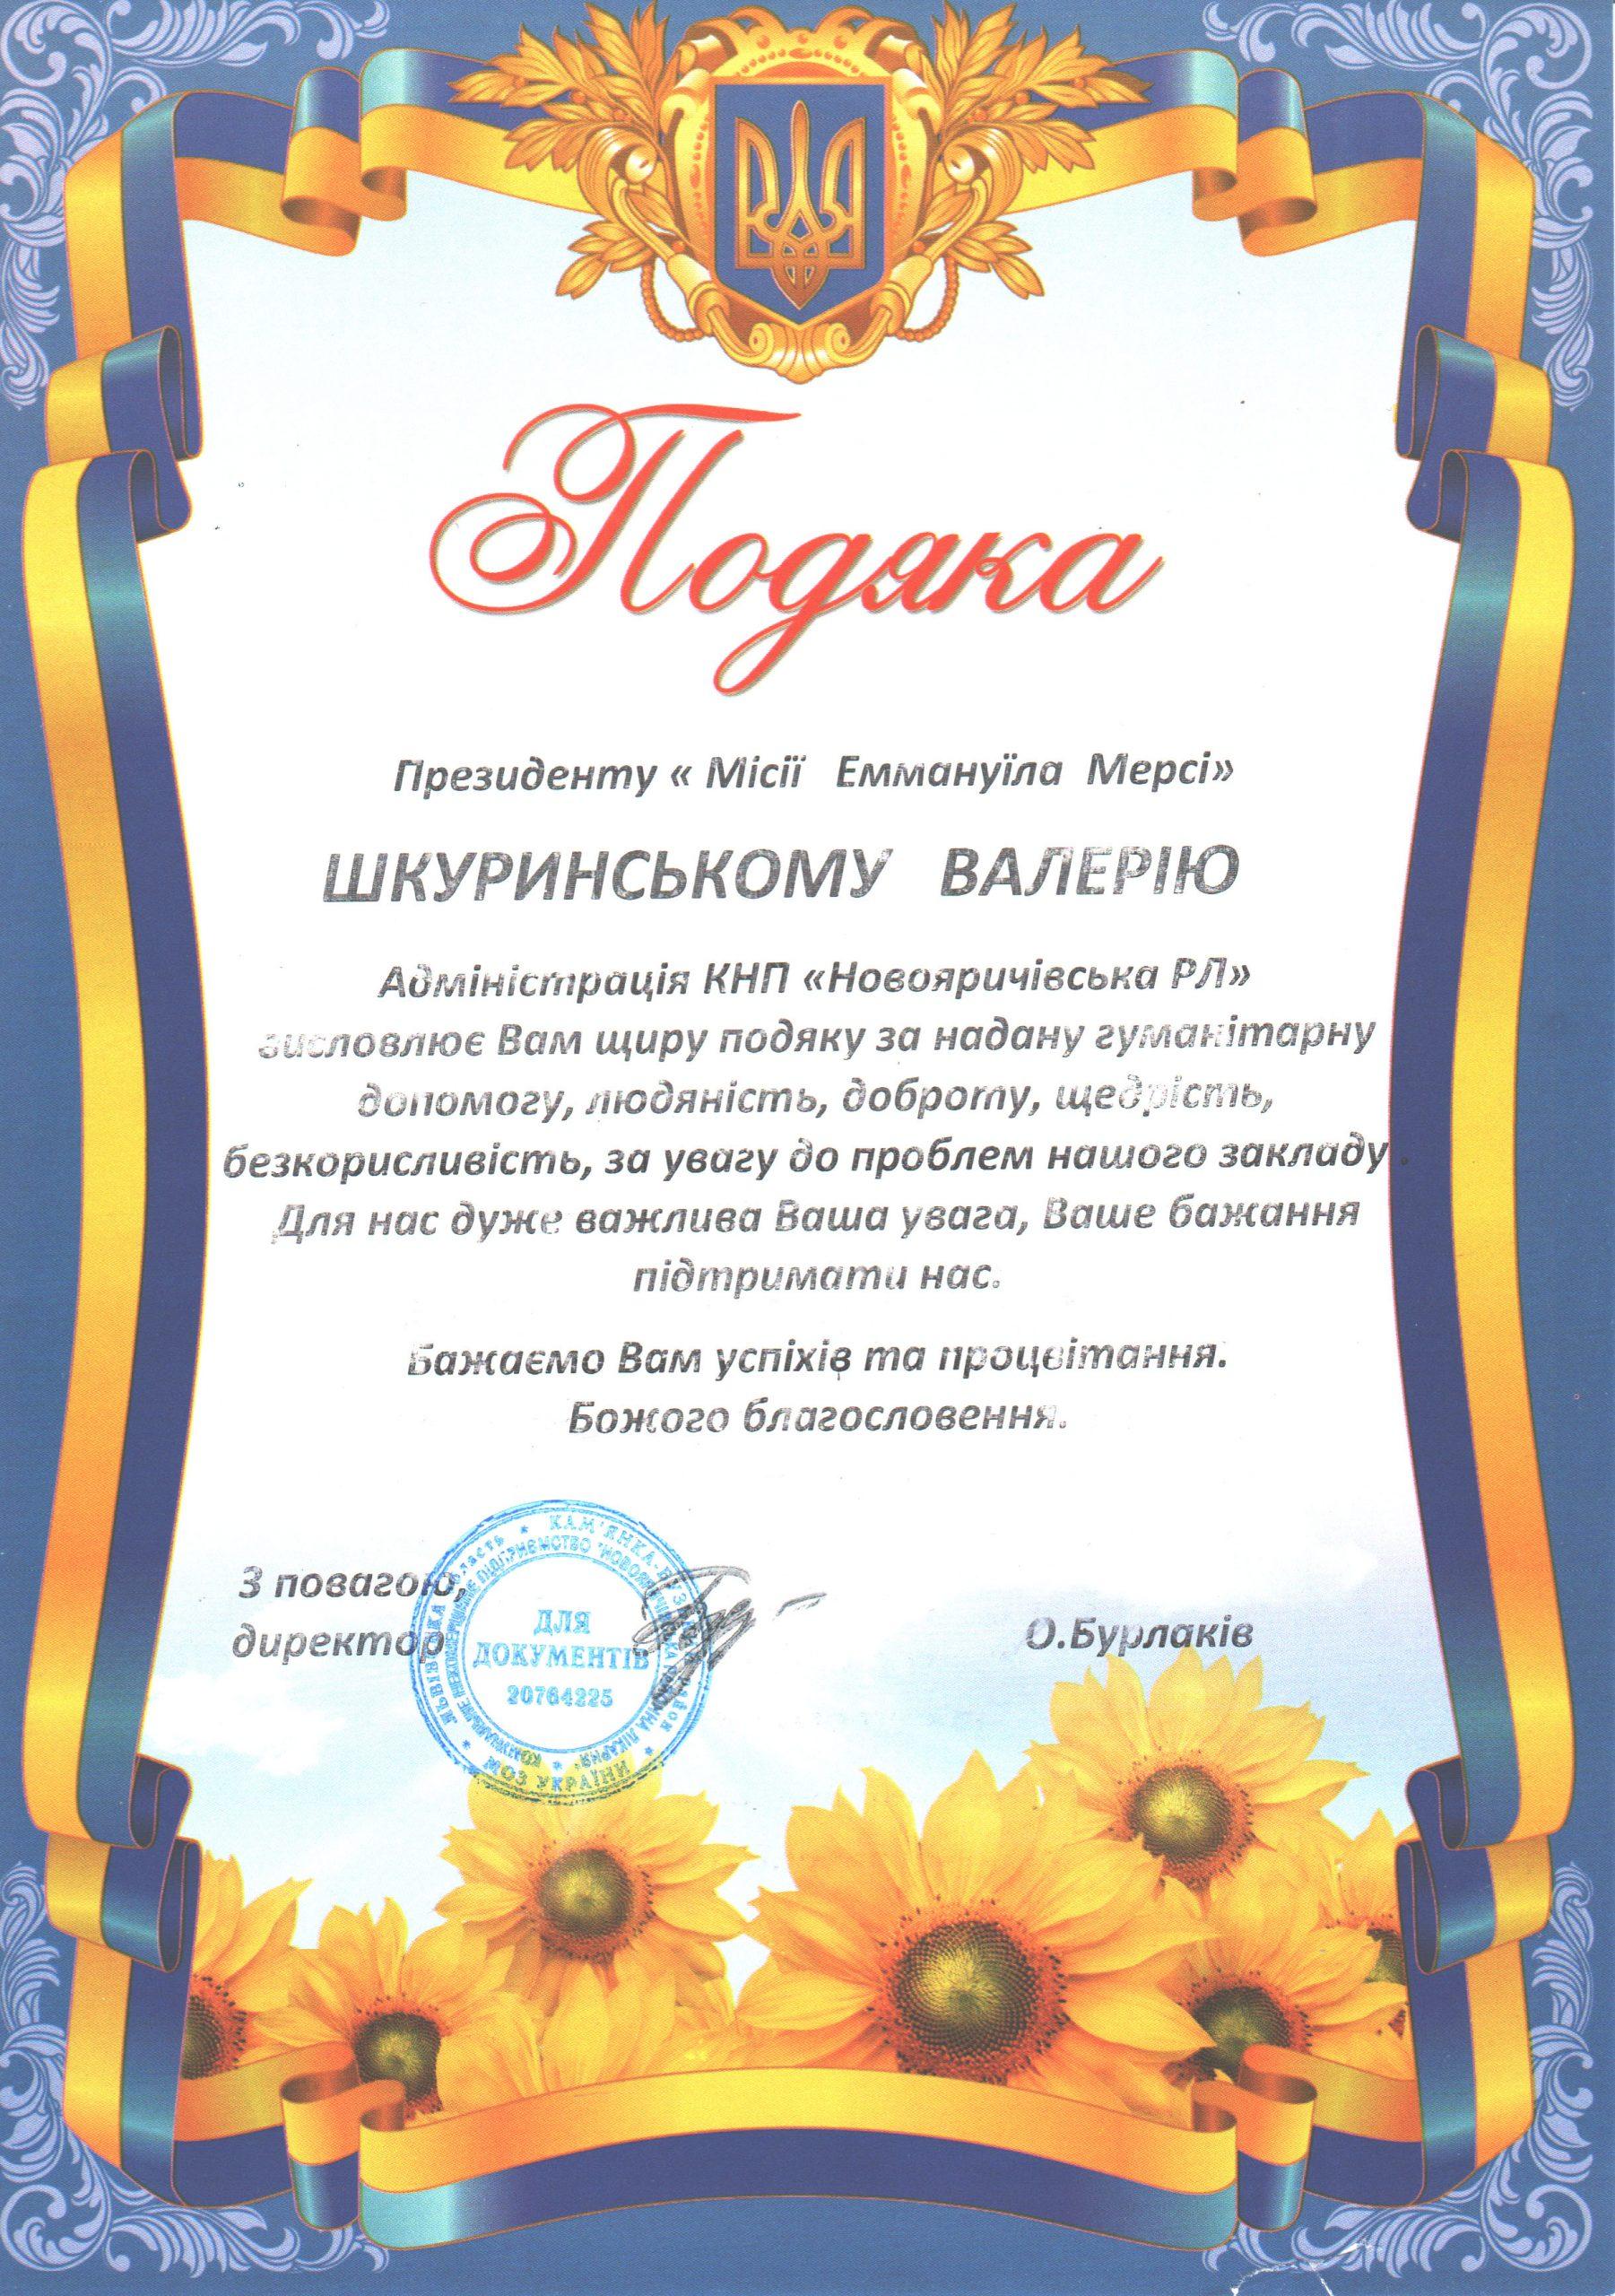 Cert-ukr-2020-3